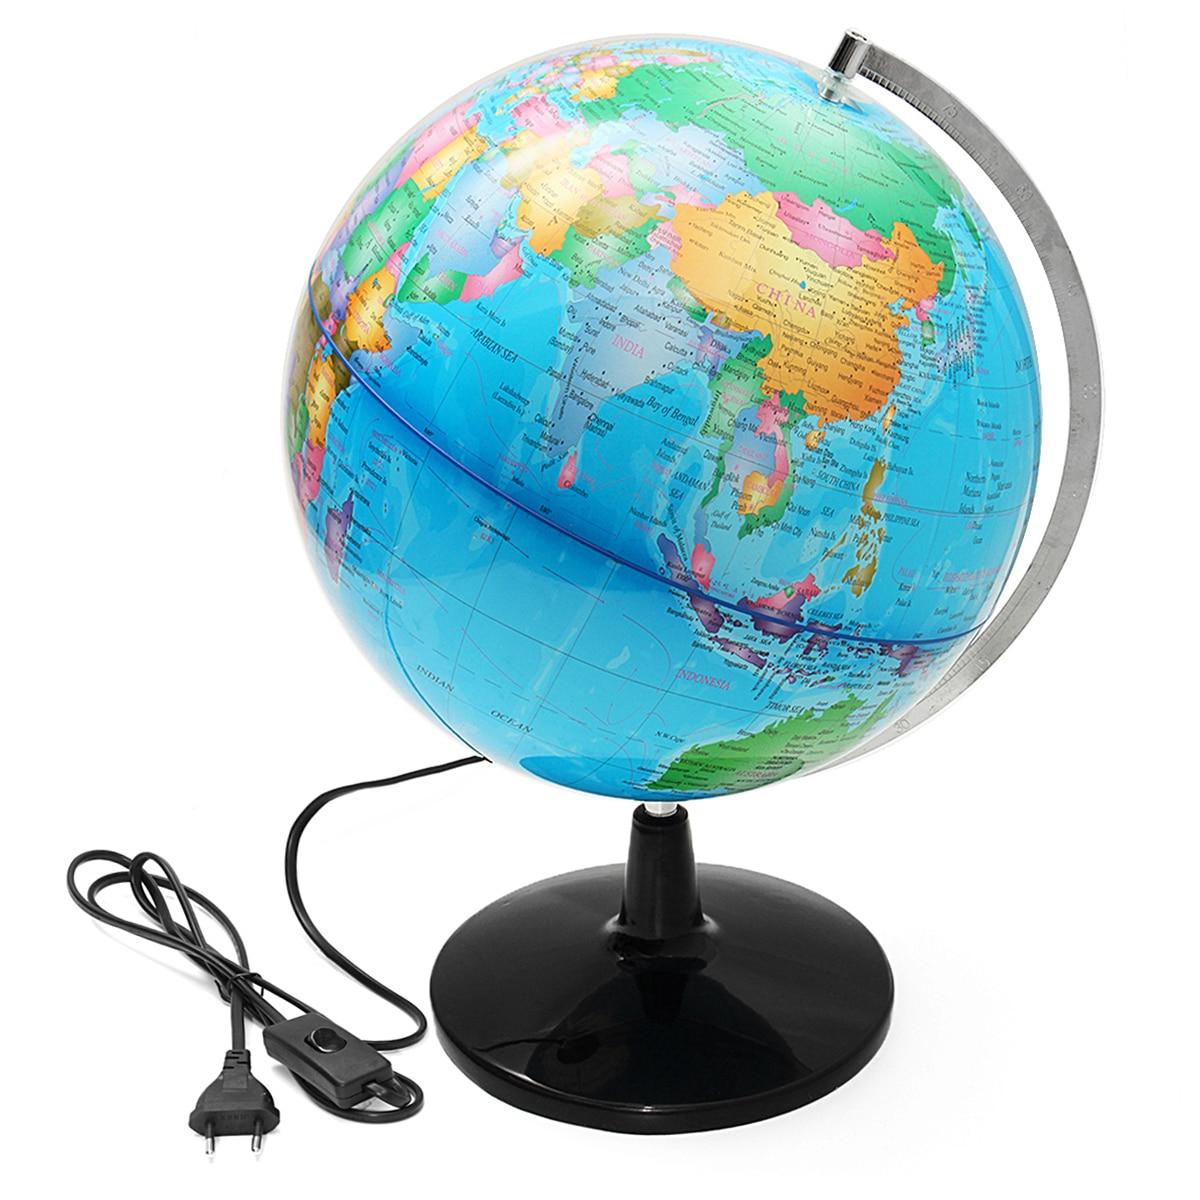 32cm électrique avec lumière monde Globe terre carte enseigner éducation géographie jouet terrestre Tellurion Globe maison bureau bureau décor - 2